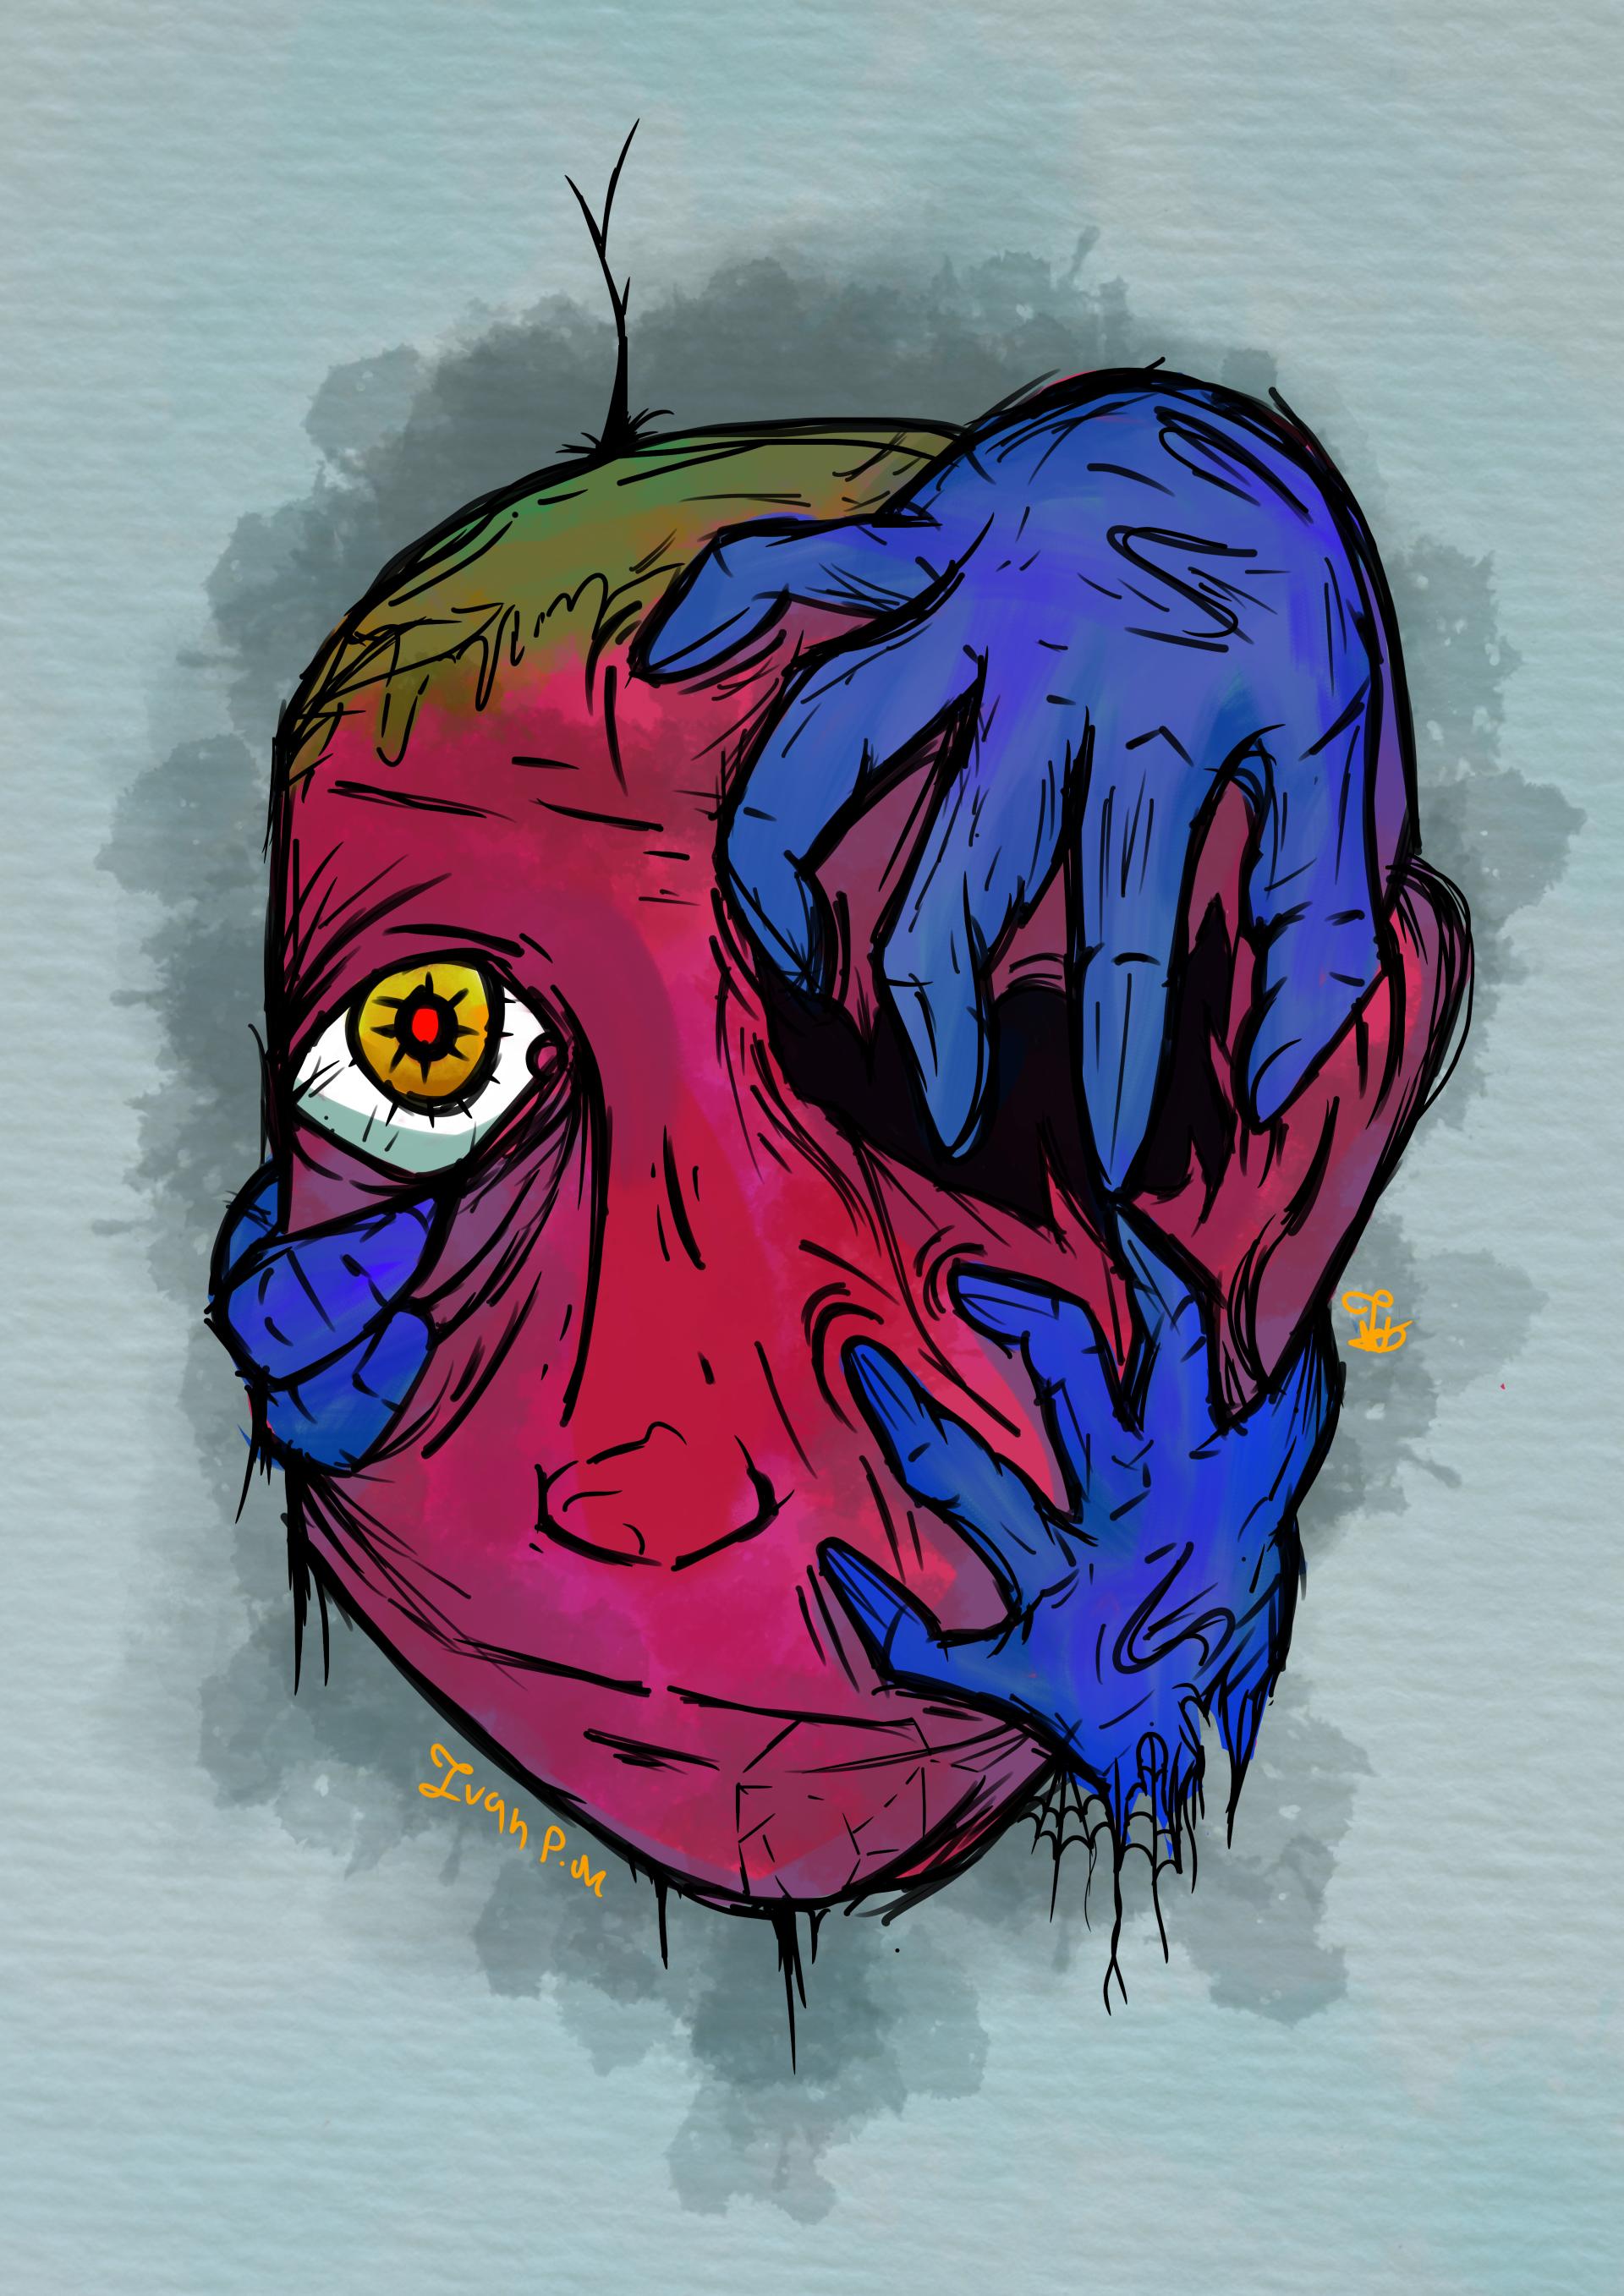 Art ID: 133770